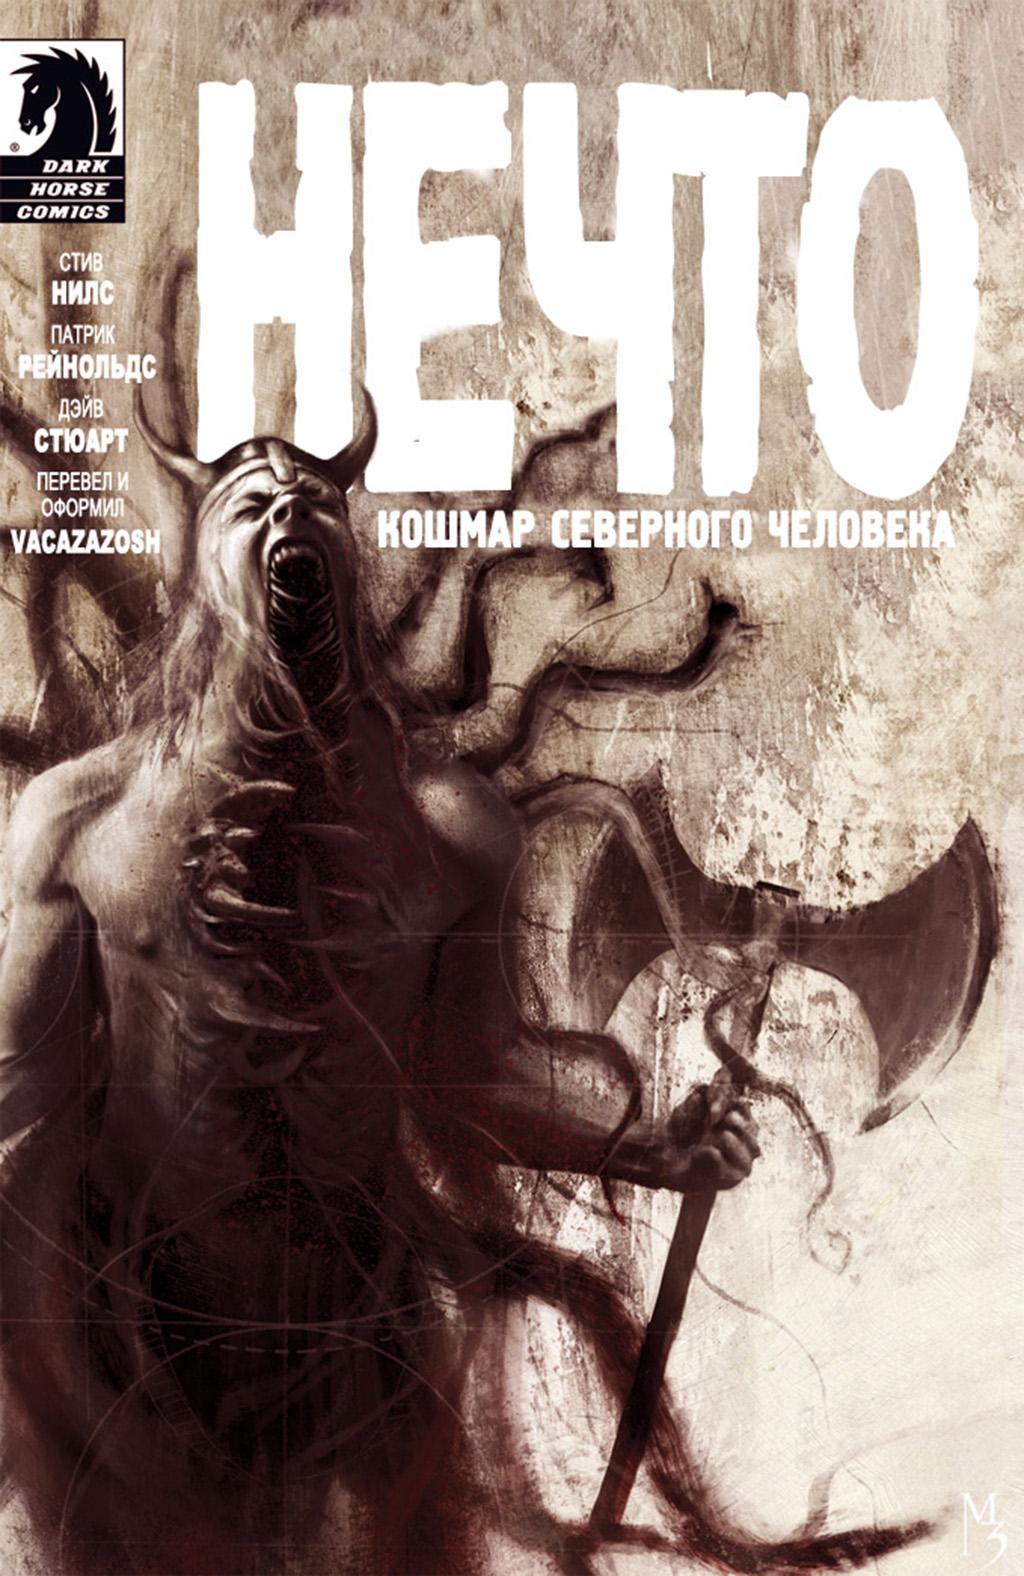 Комикс Нечто: Кошмар Северного Человека